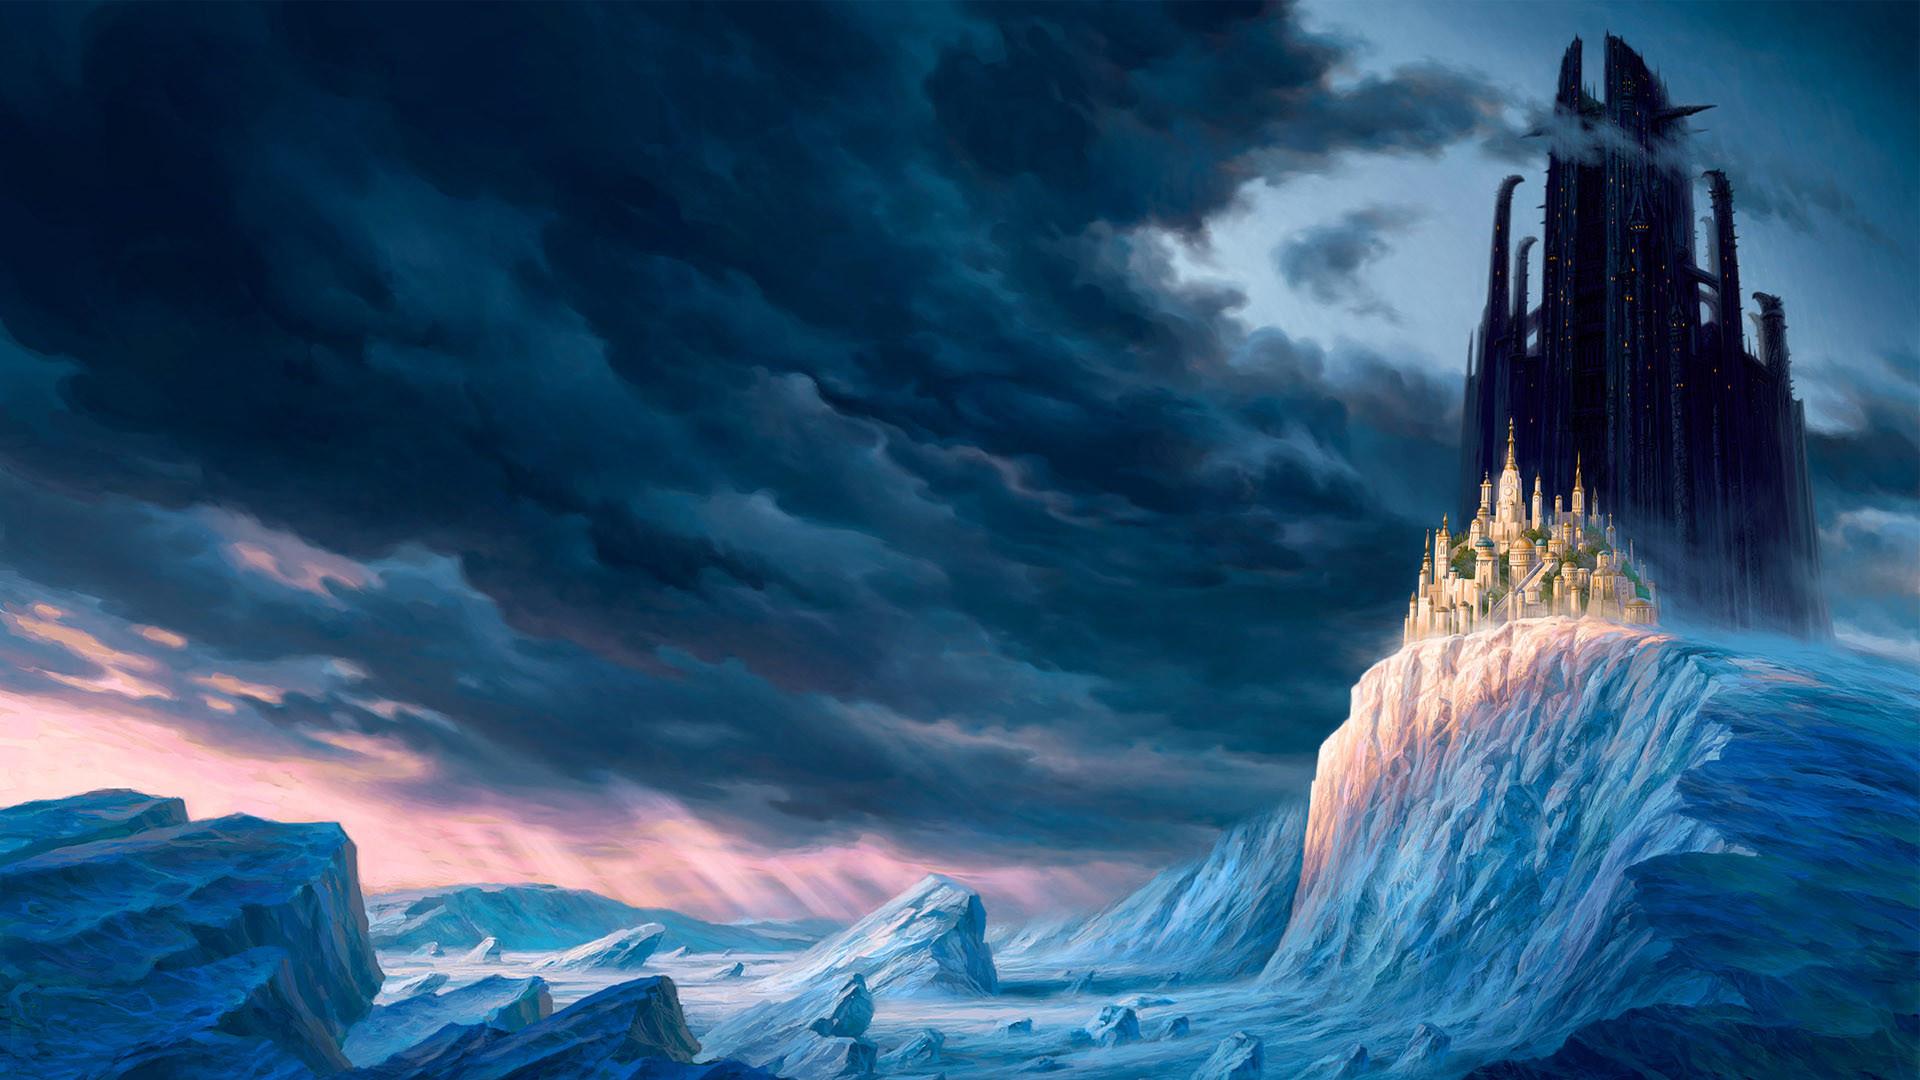 Full HD Castle desktop backgrounds, wallpapers